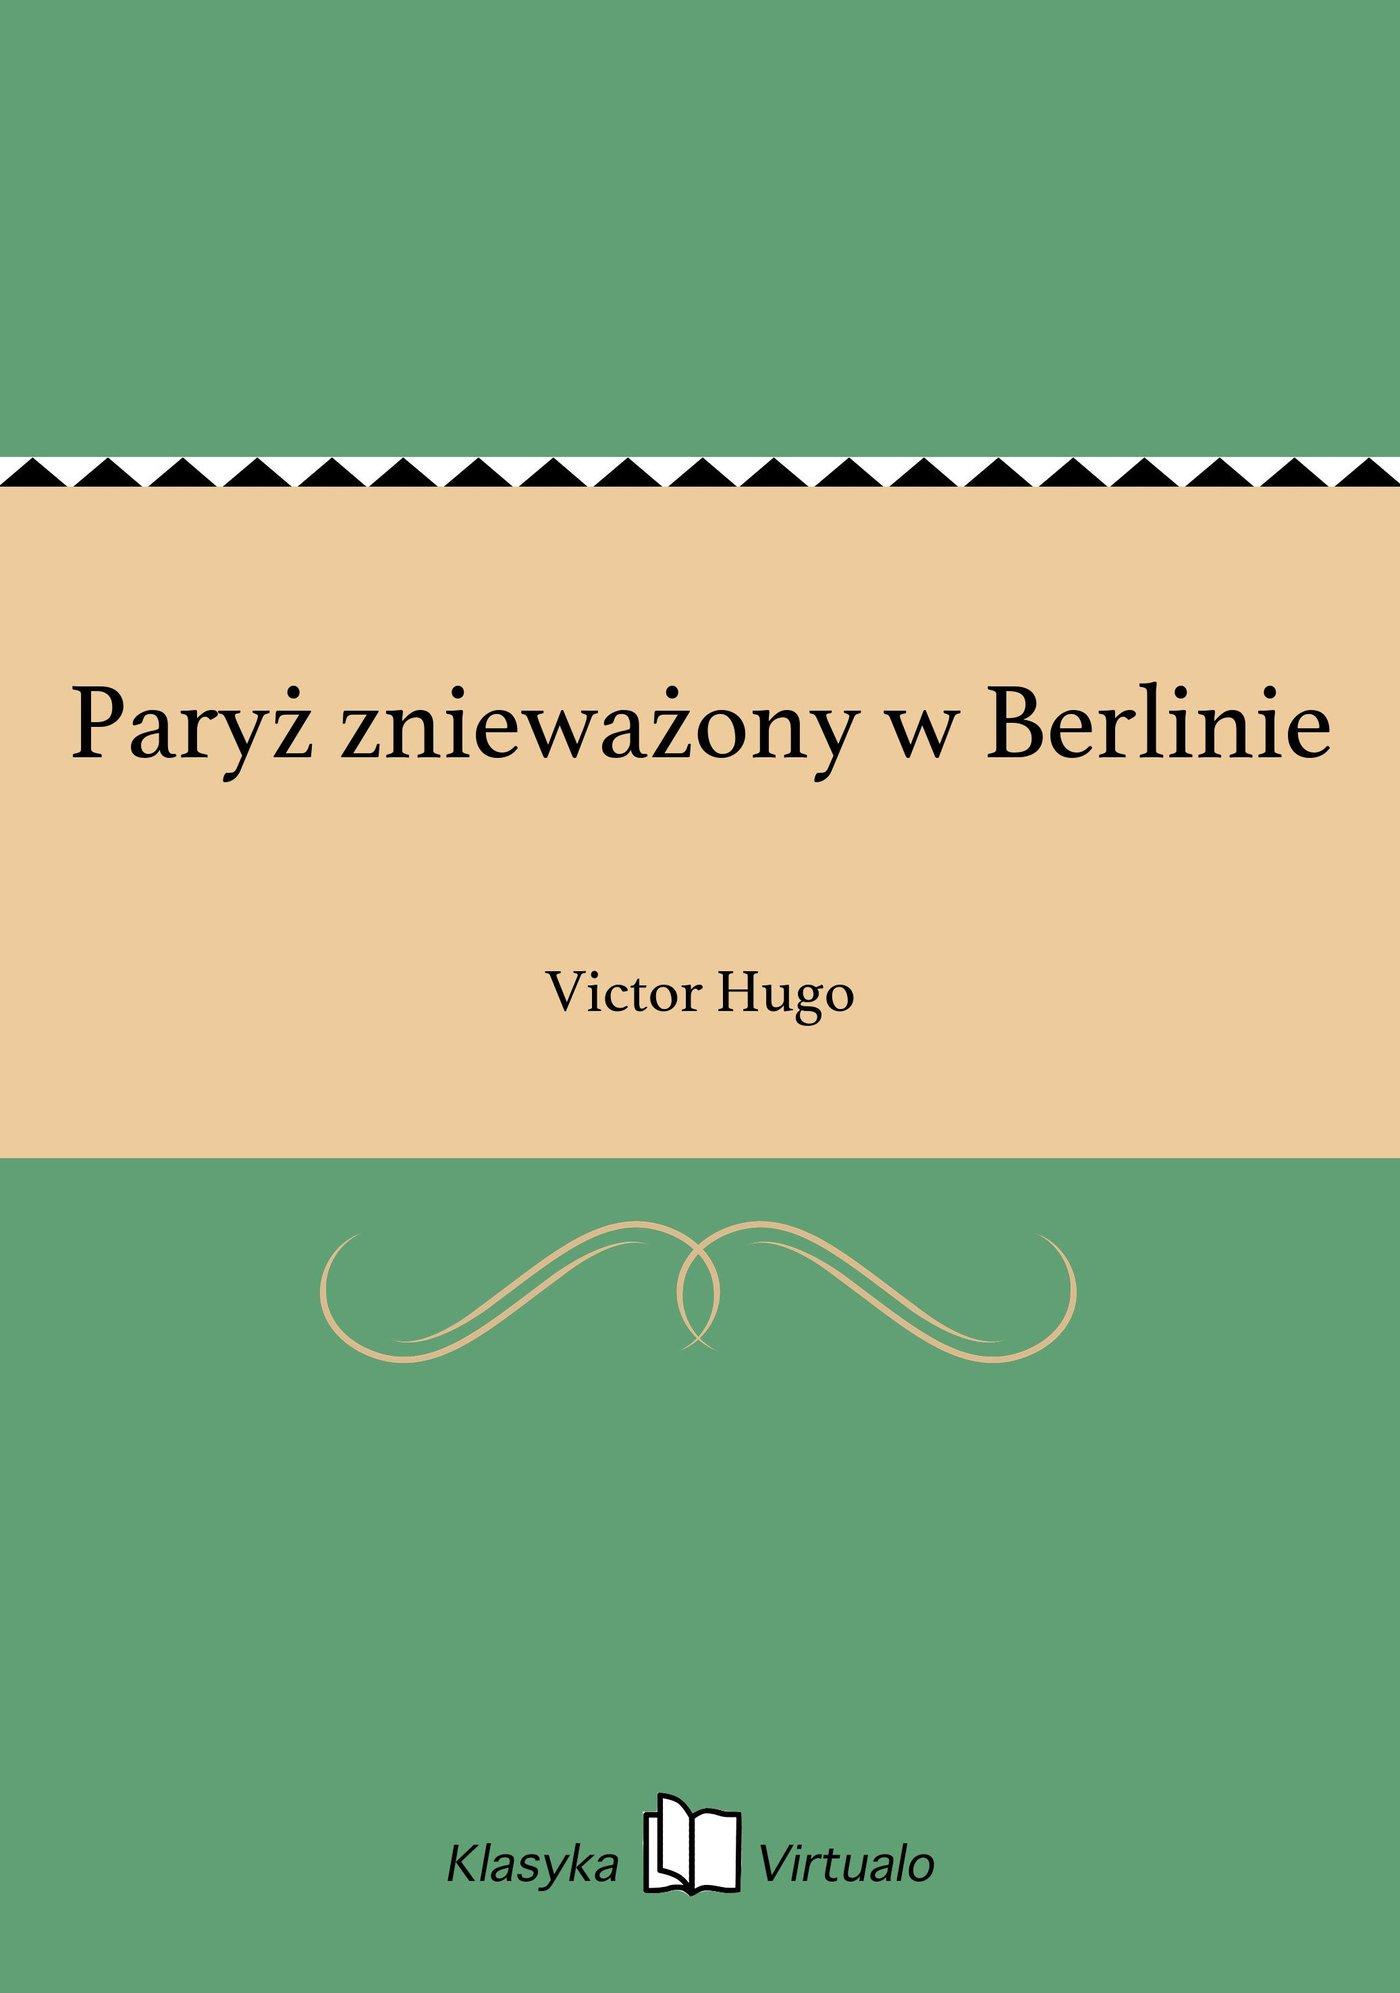 Paryż znieważony w Berlinie - Ebook (Książka na Kindle) do pobrania w formacie MOBI